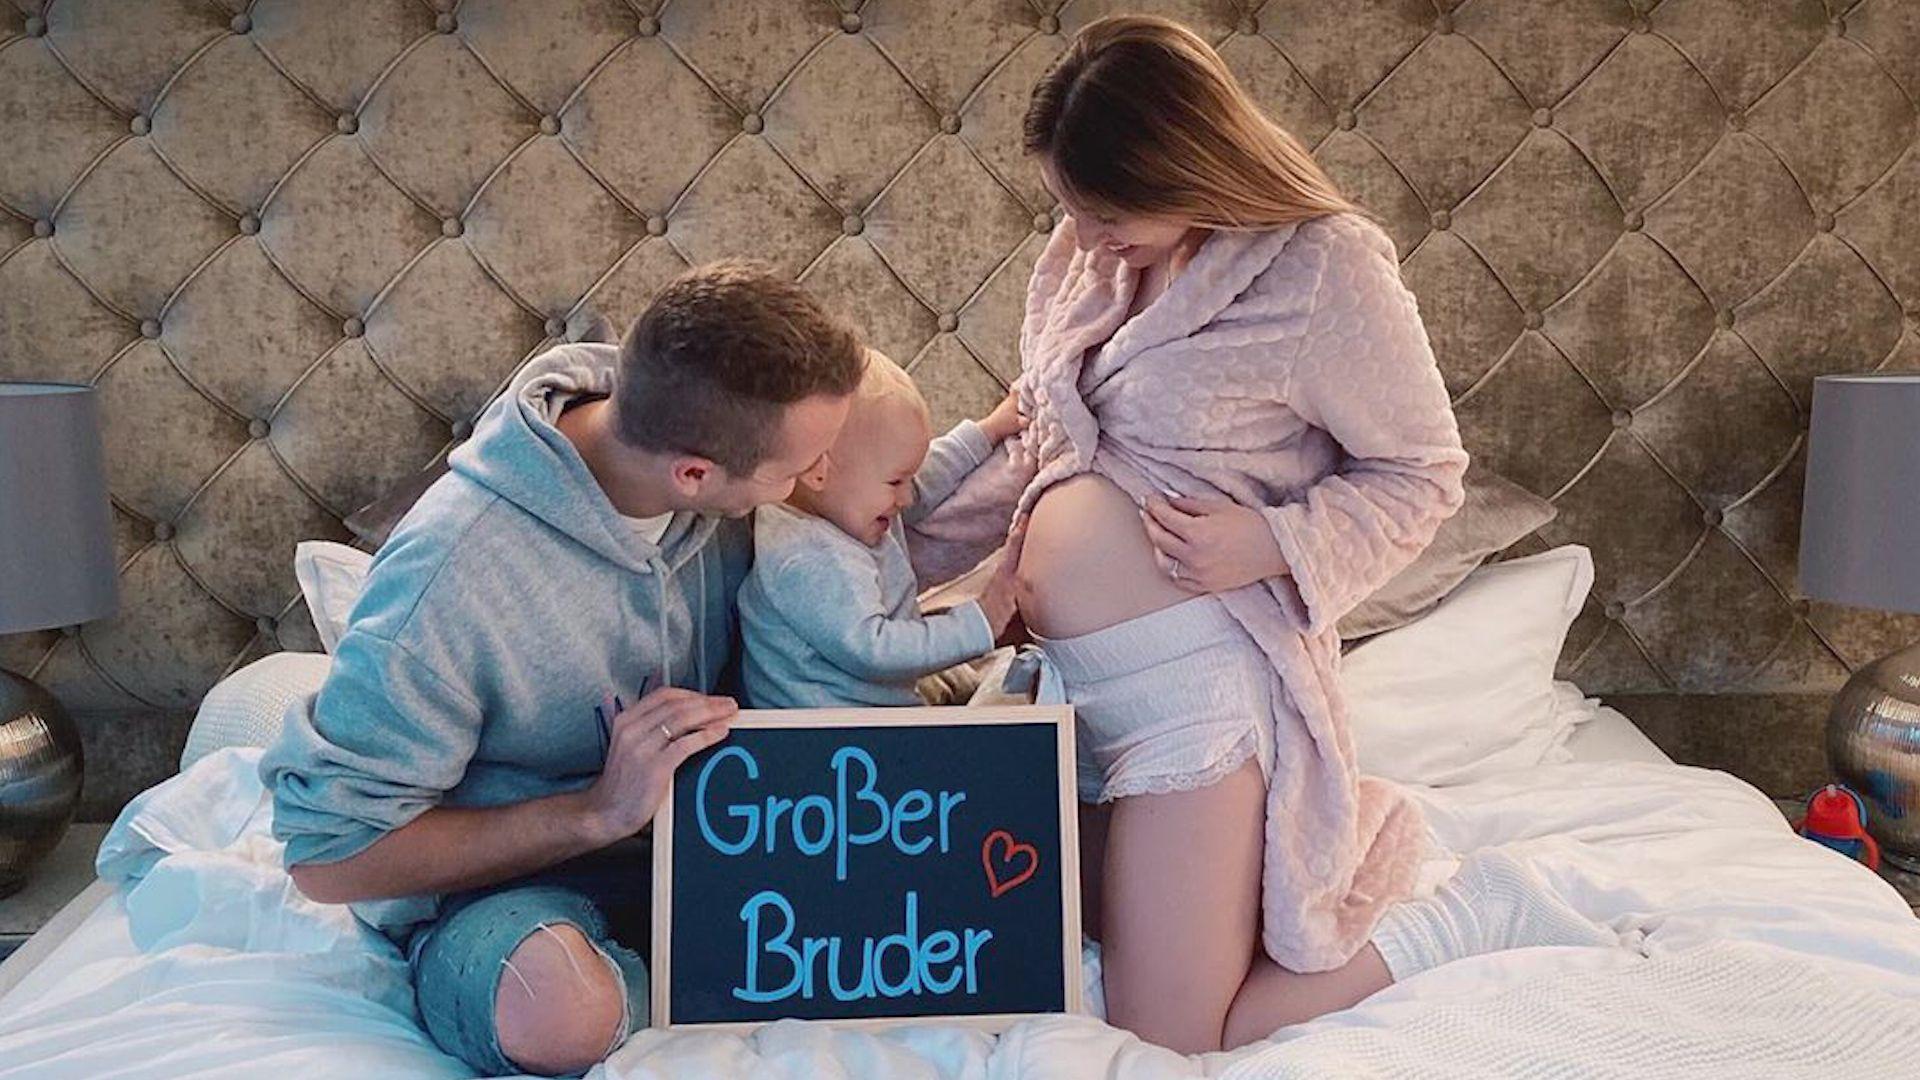 Bibis Beauty Palace: Bibi Claßen ist wieder schwanger